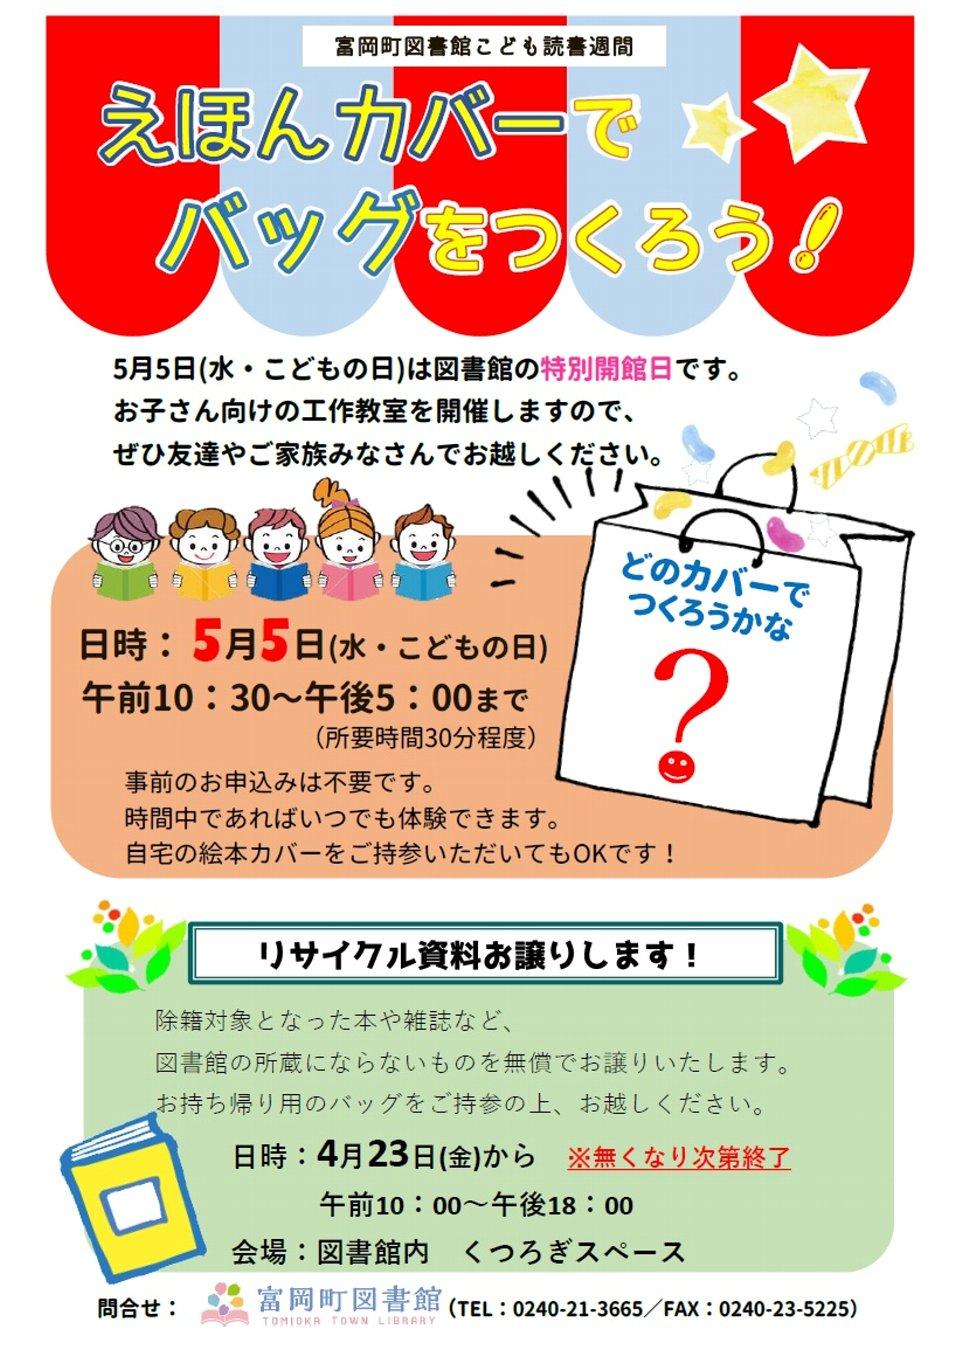 【富岡町】児童向け工作教室『えほんカバーでバッグづくり』 @ 富岡町図書館 くつろぎスペース